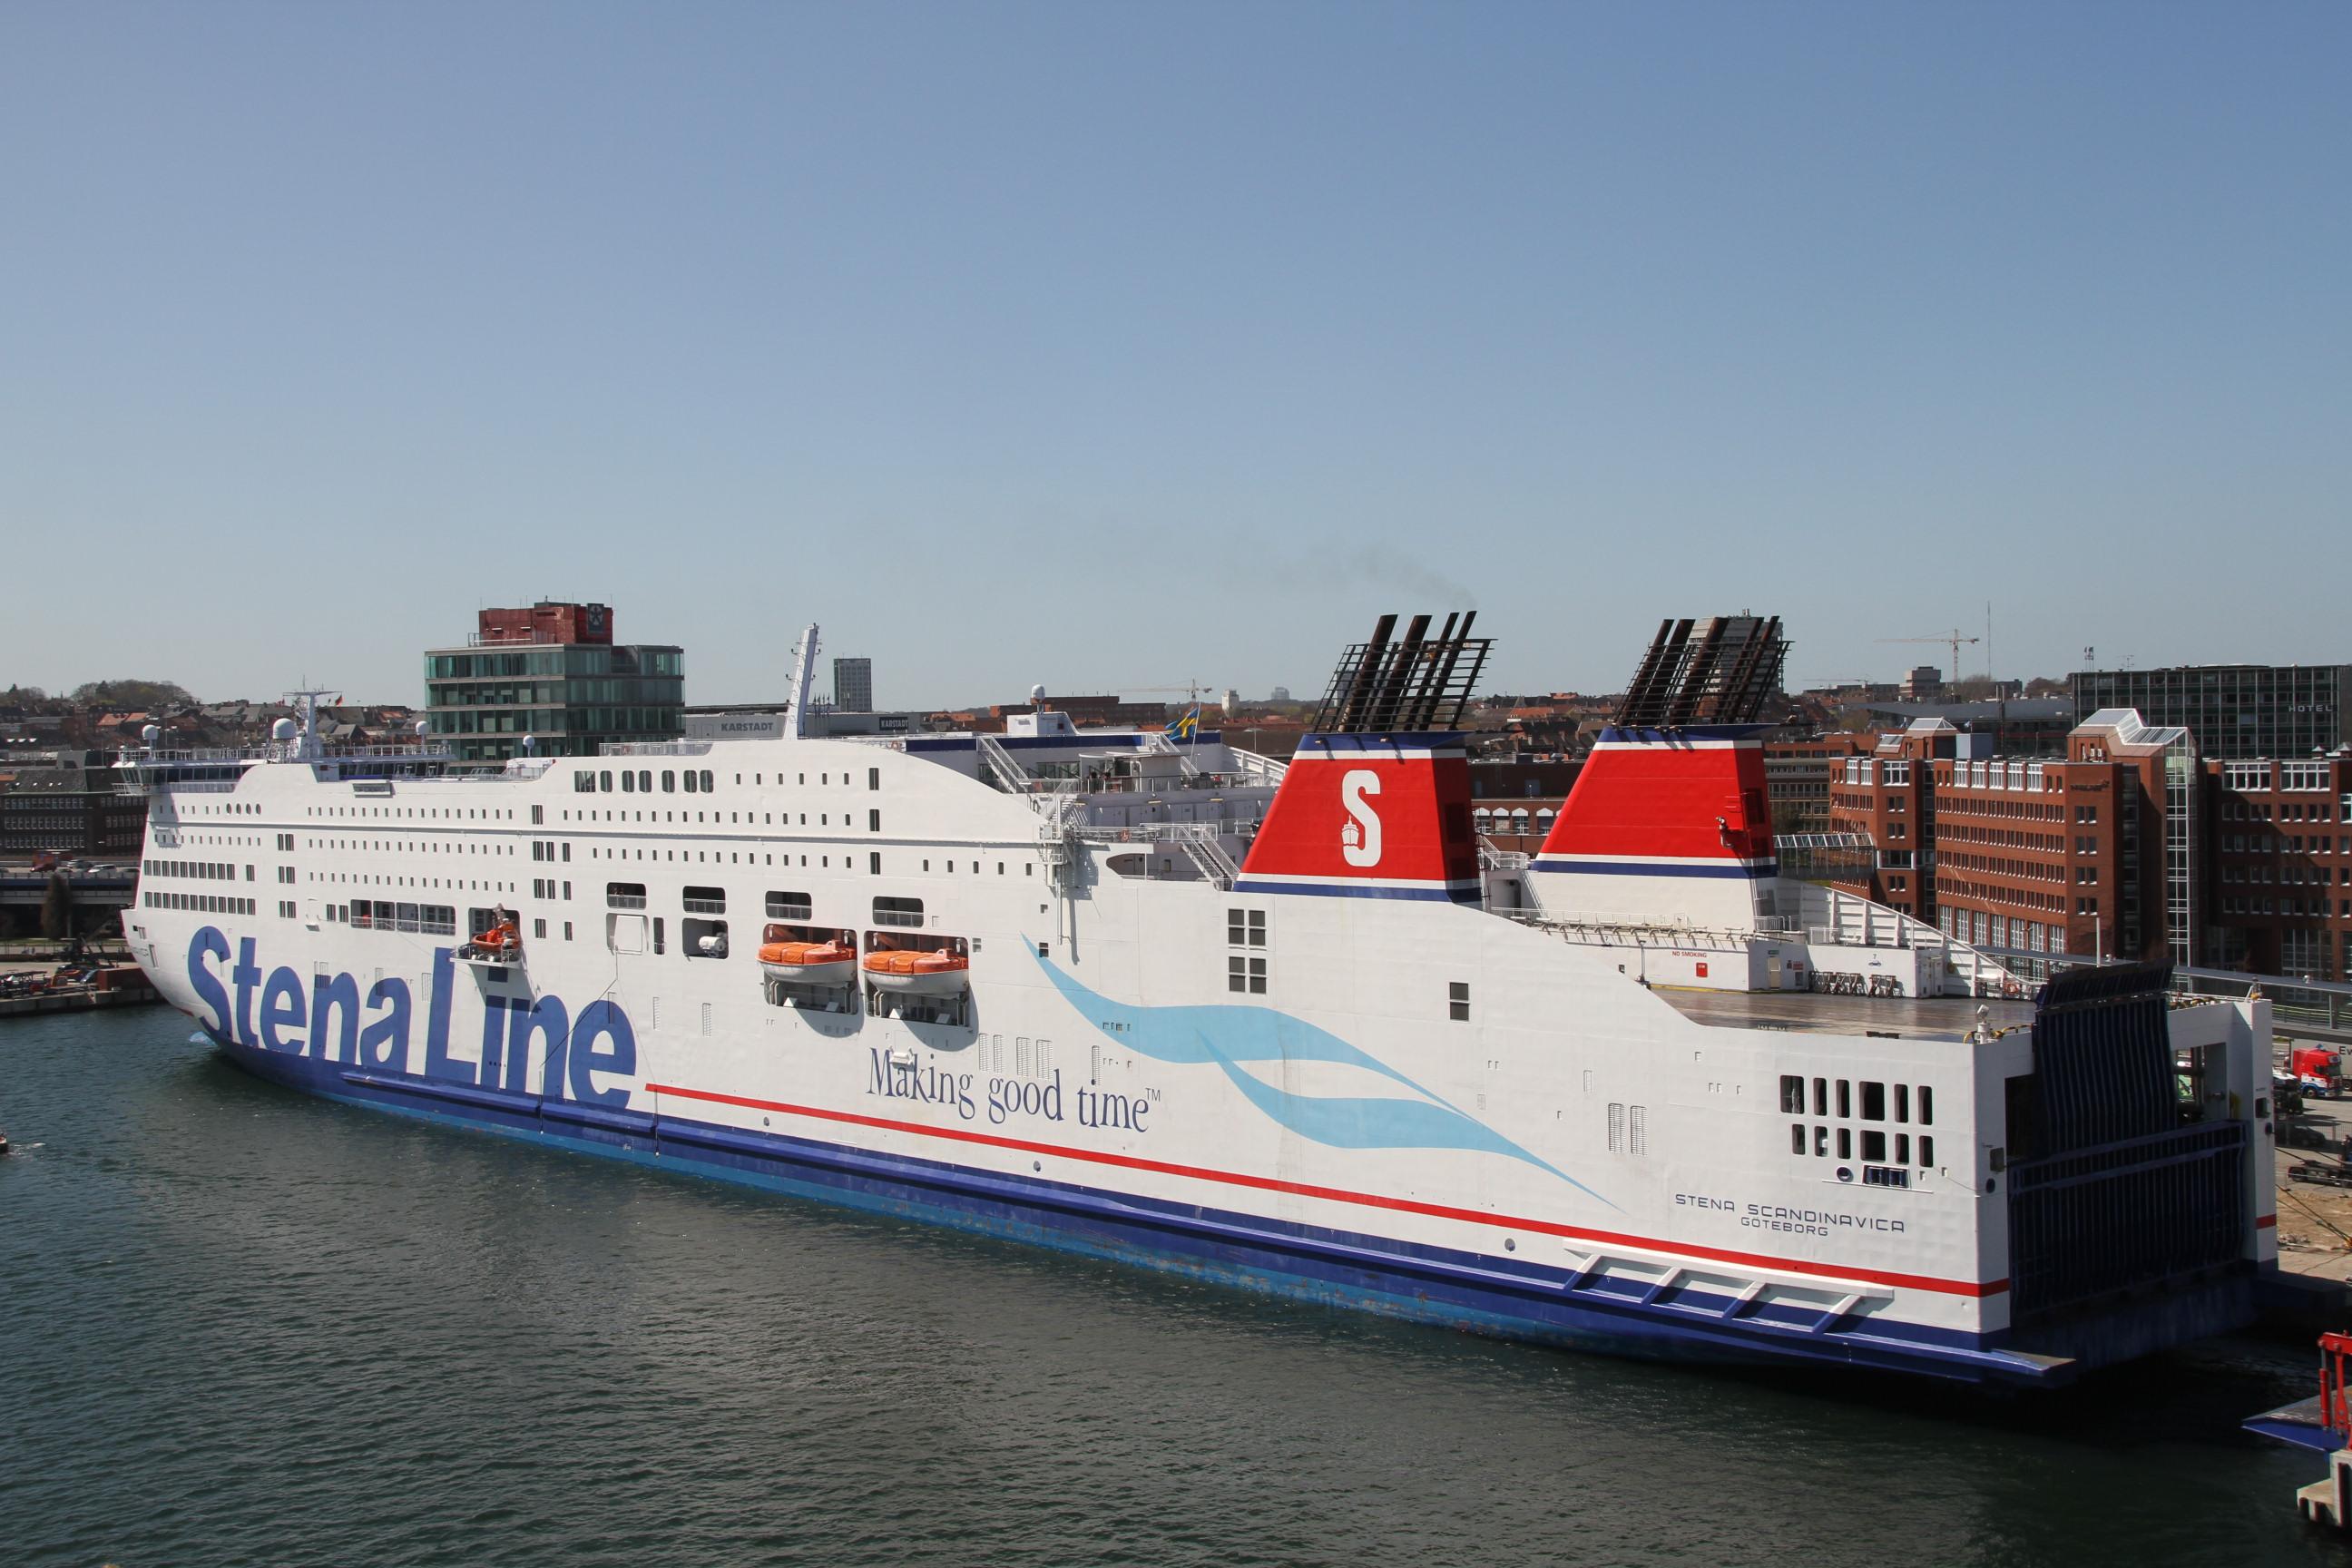 File:Kiel IMG 3814 Stena Scandinavica imo 9235517.JPG